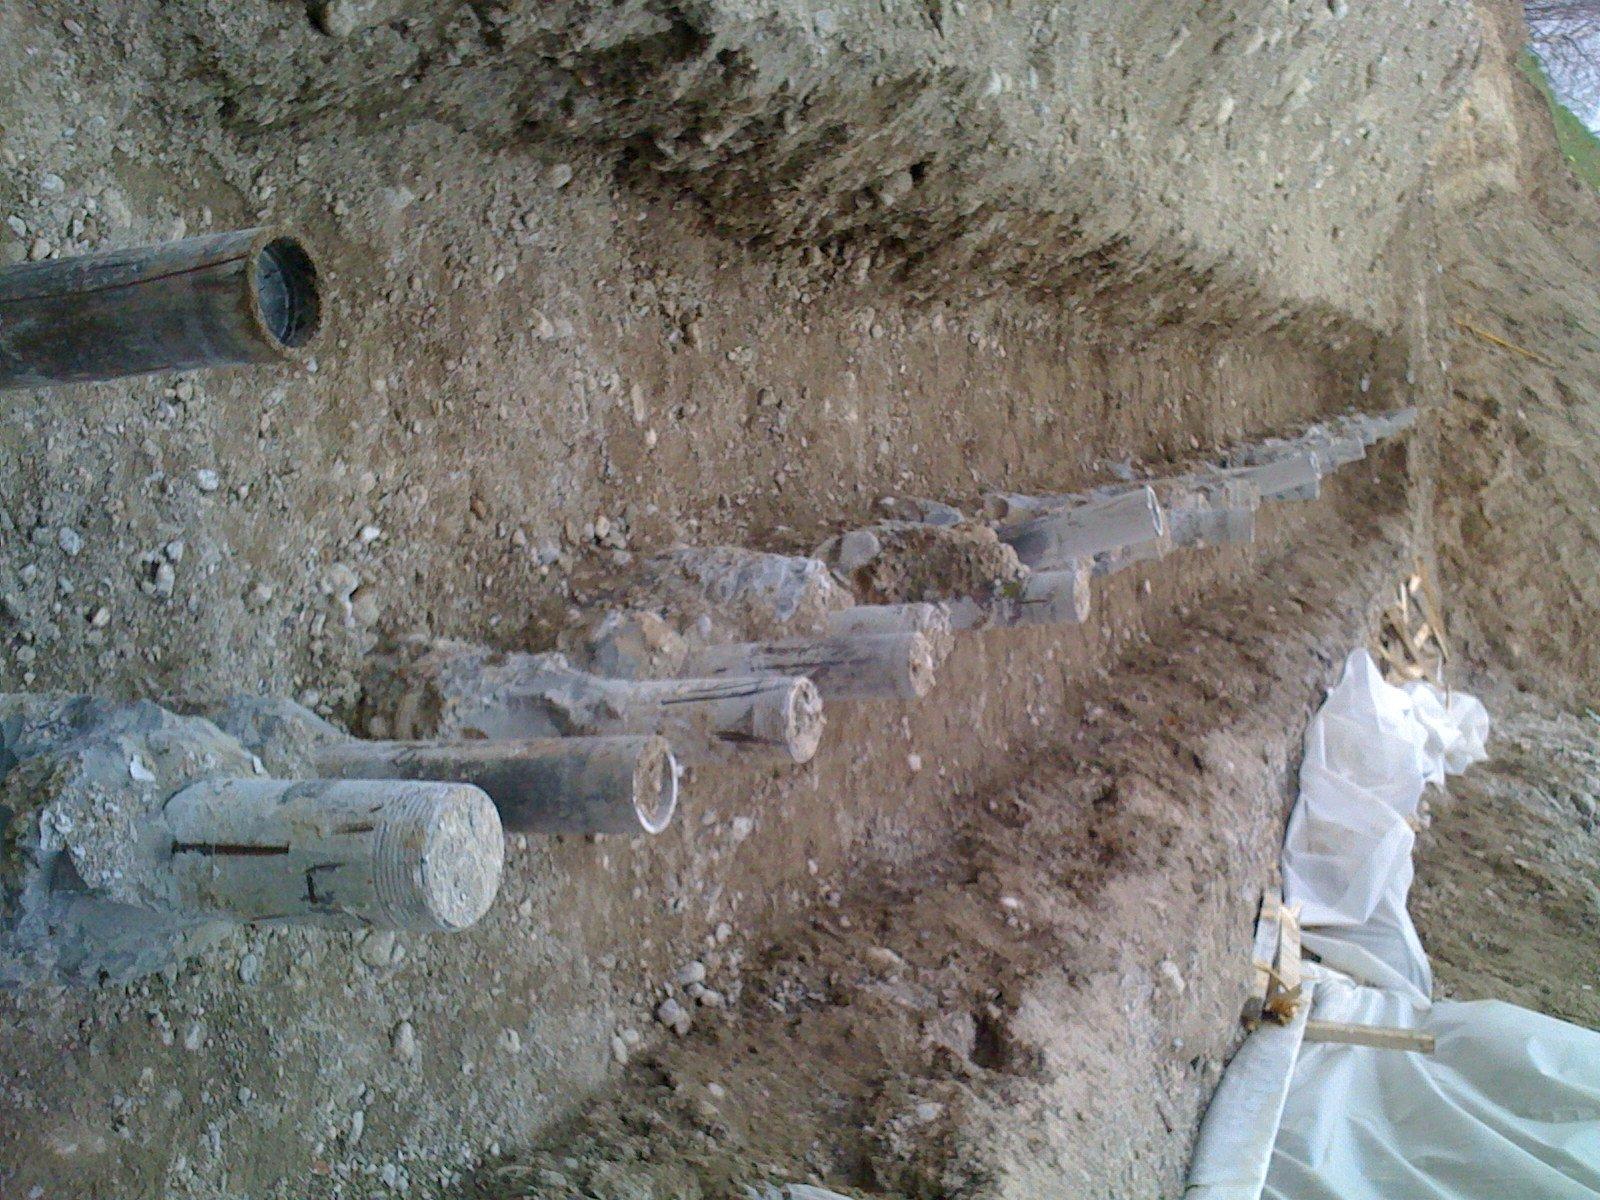 Dettagli di uno scavo